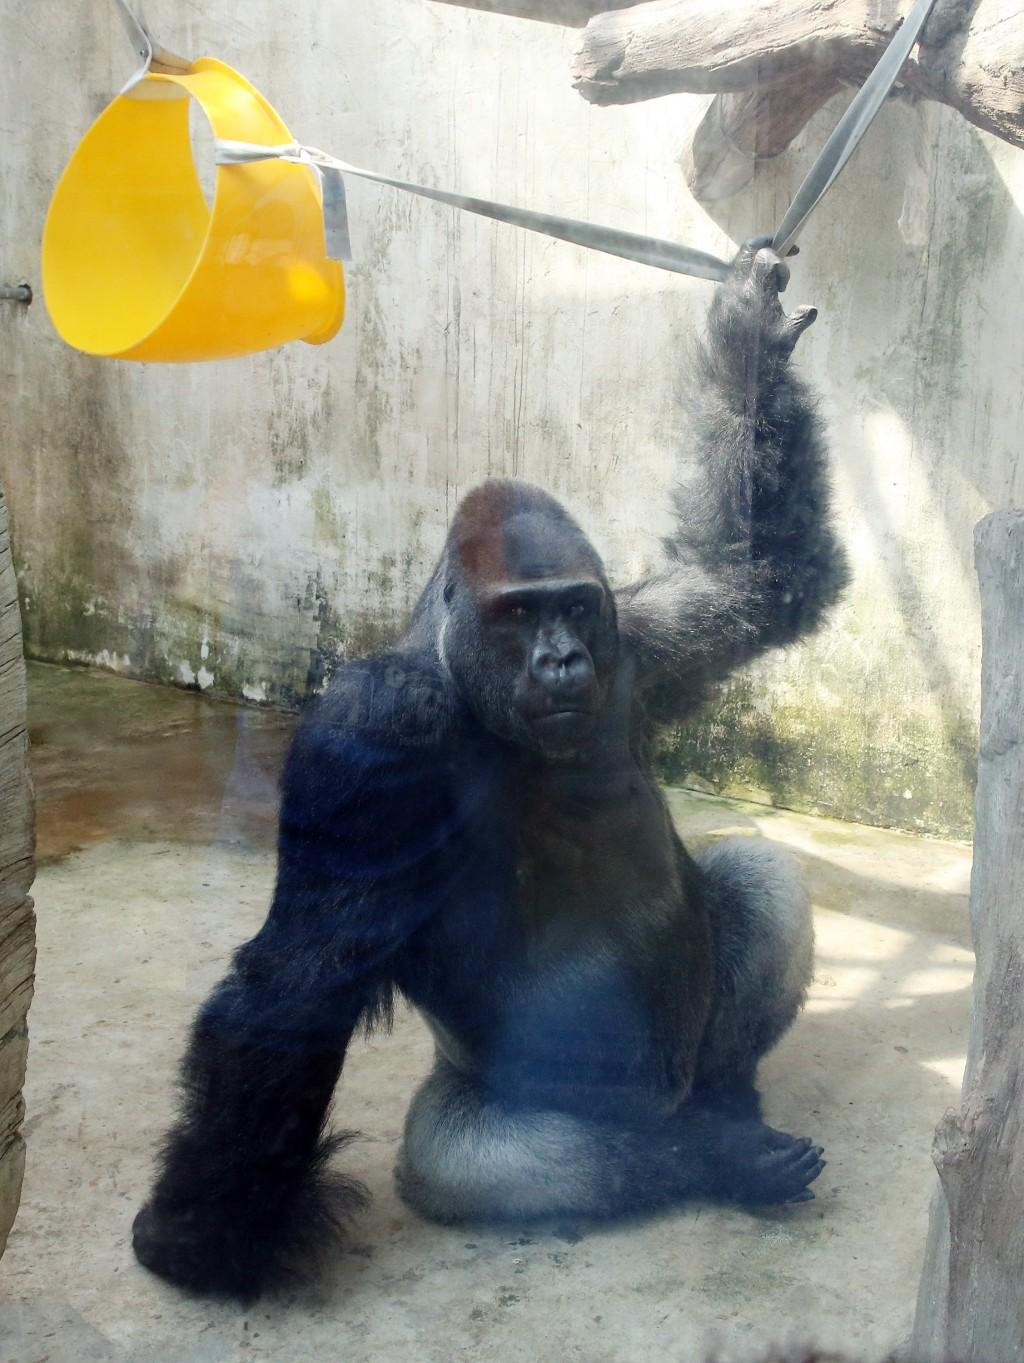 Mayor Ke wishes Baby, Taiwan's favorite gorilla, bon voyage